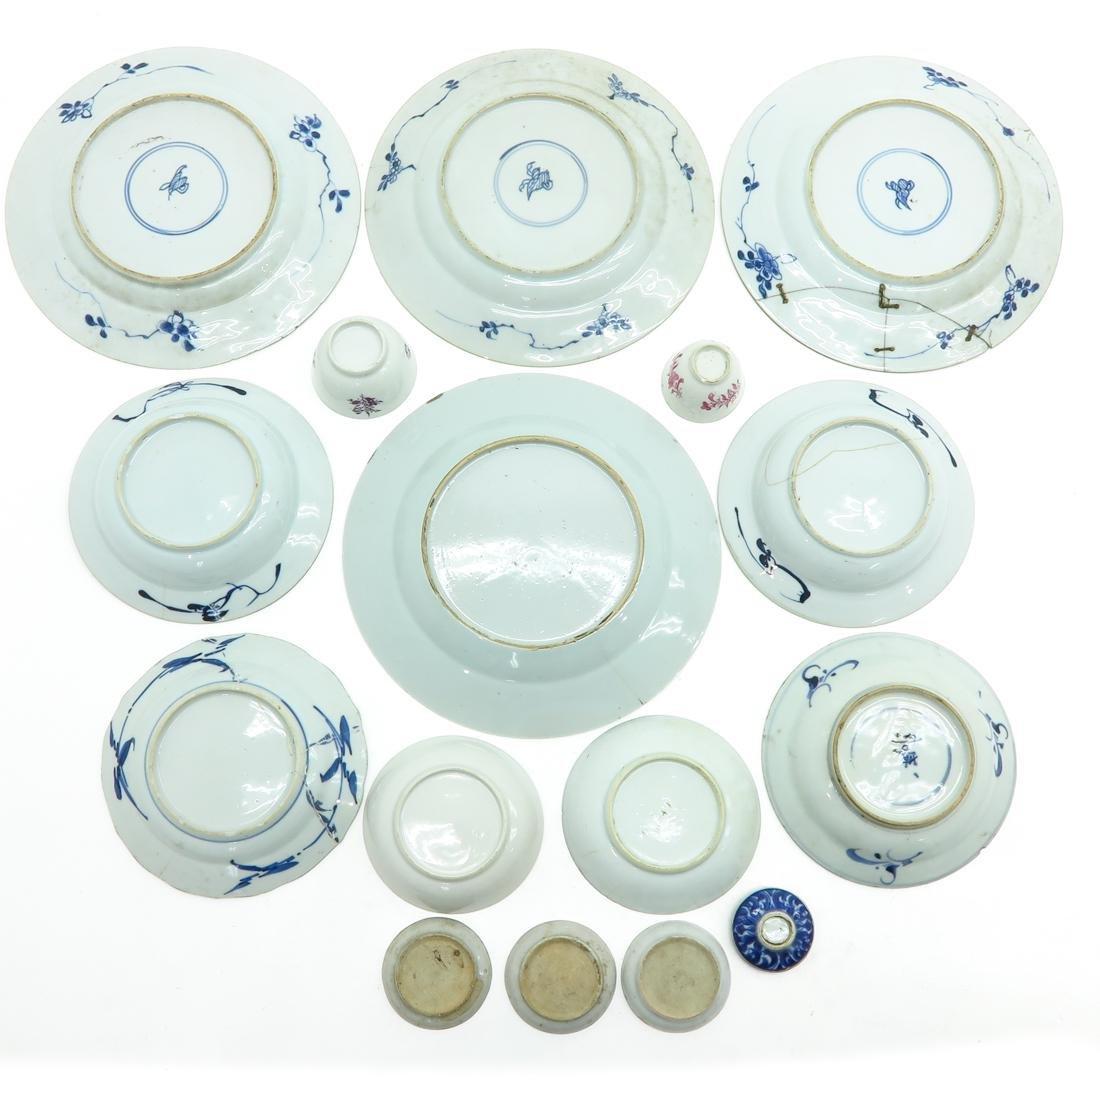 Diverse Lot of Porcelain - 2